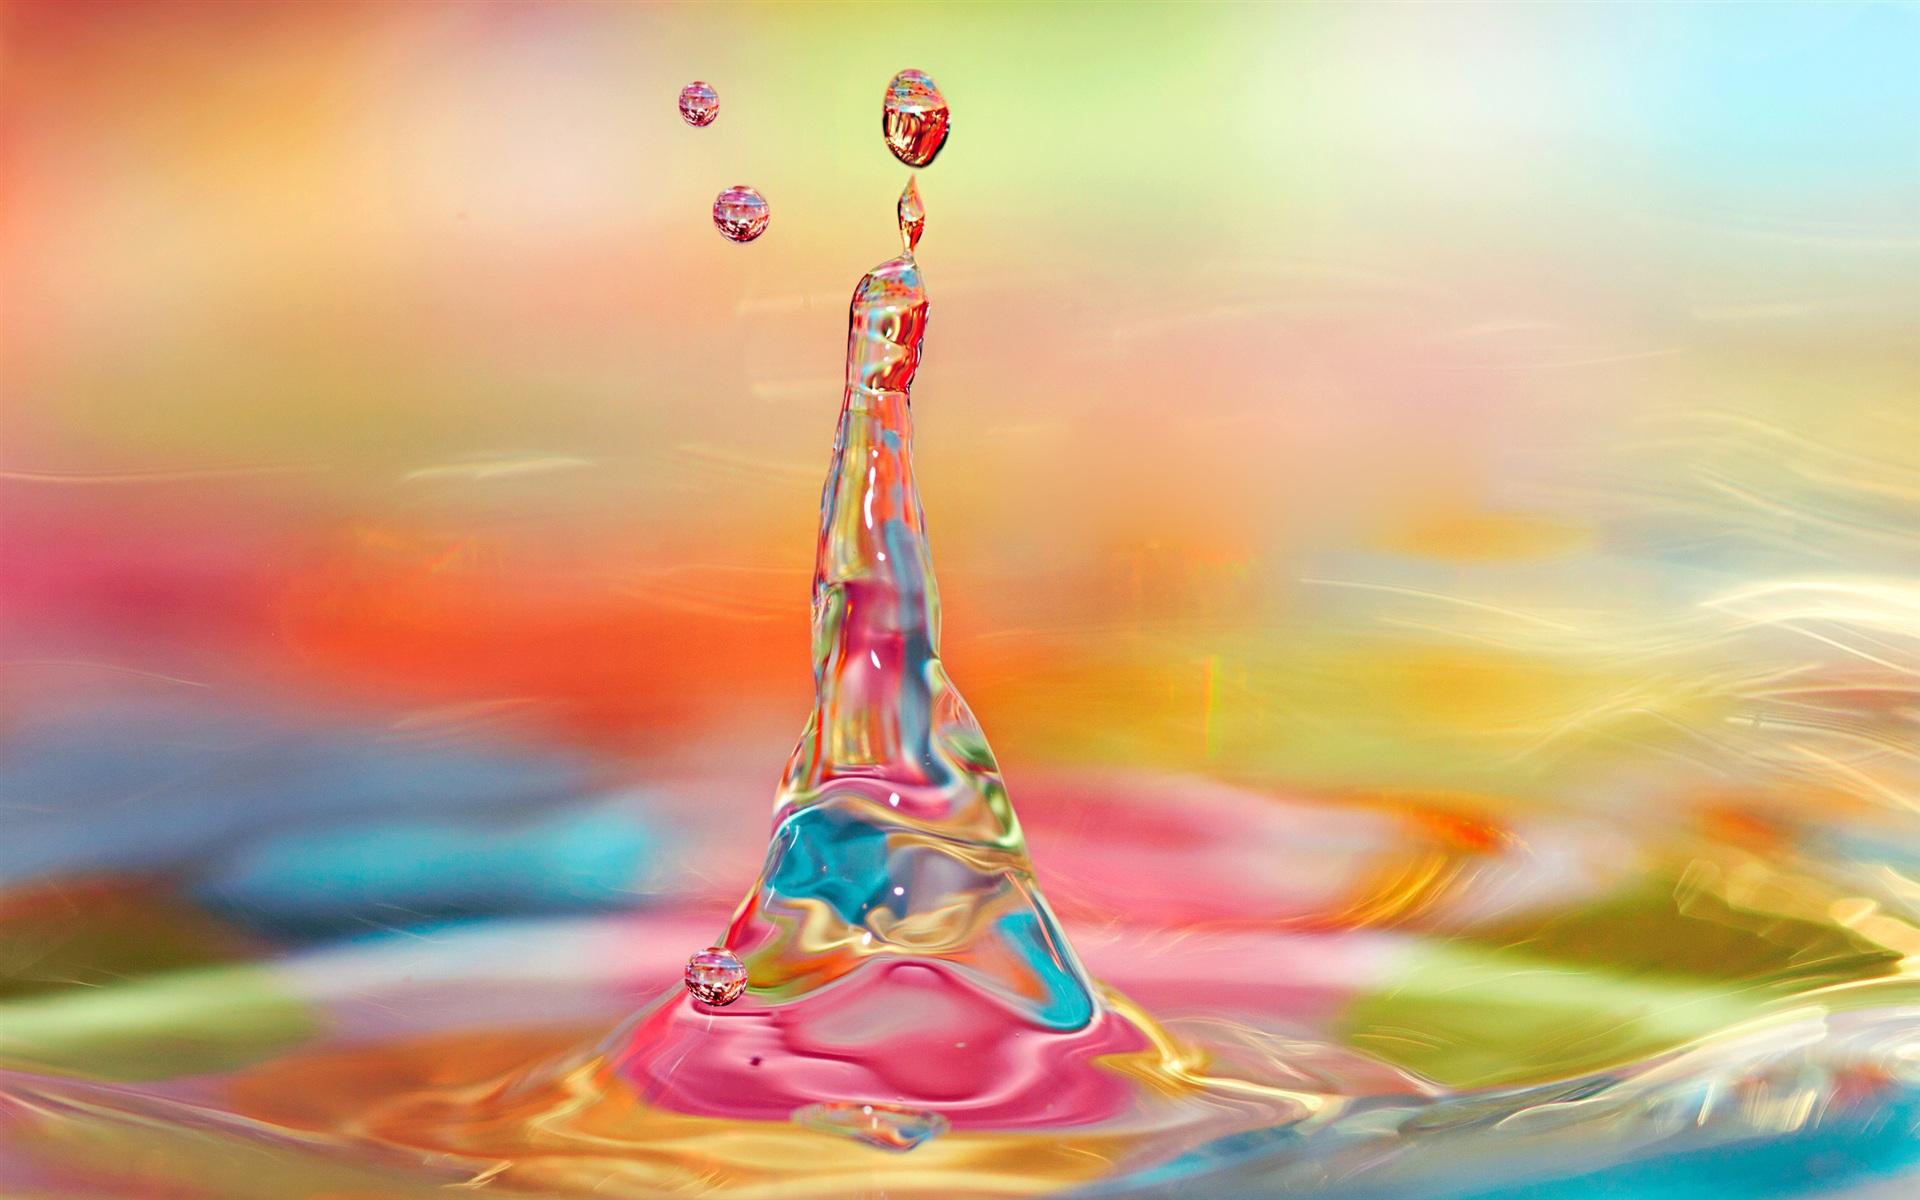 Water Drop Capture